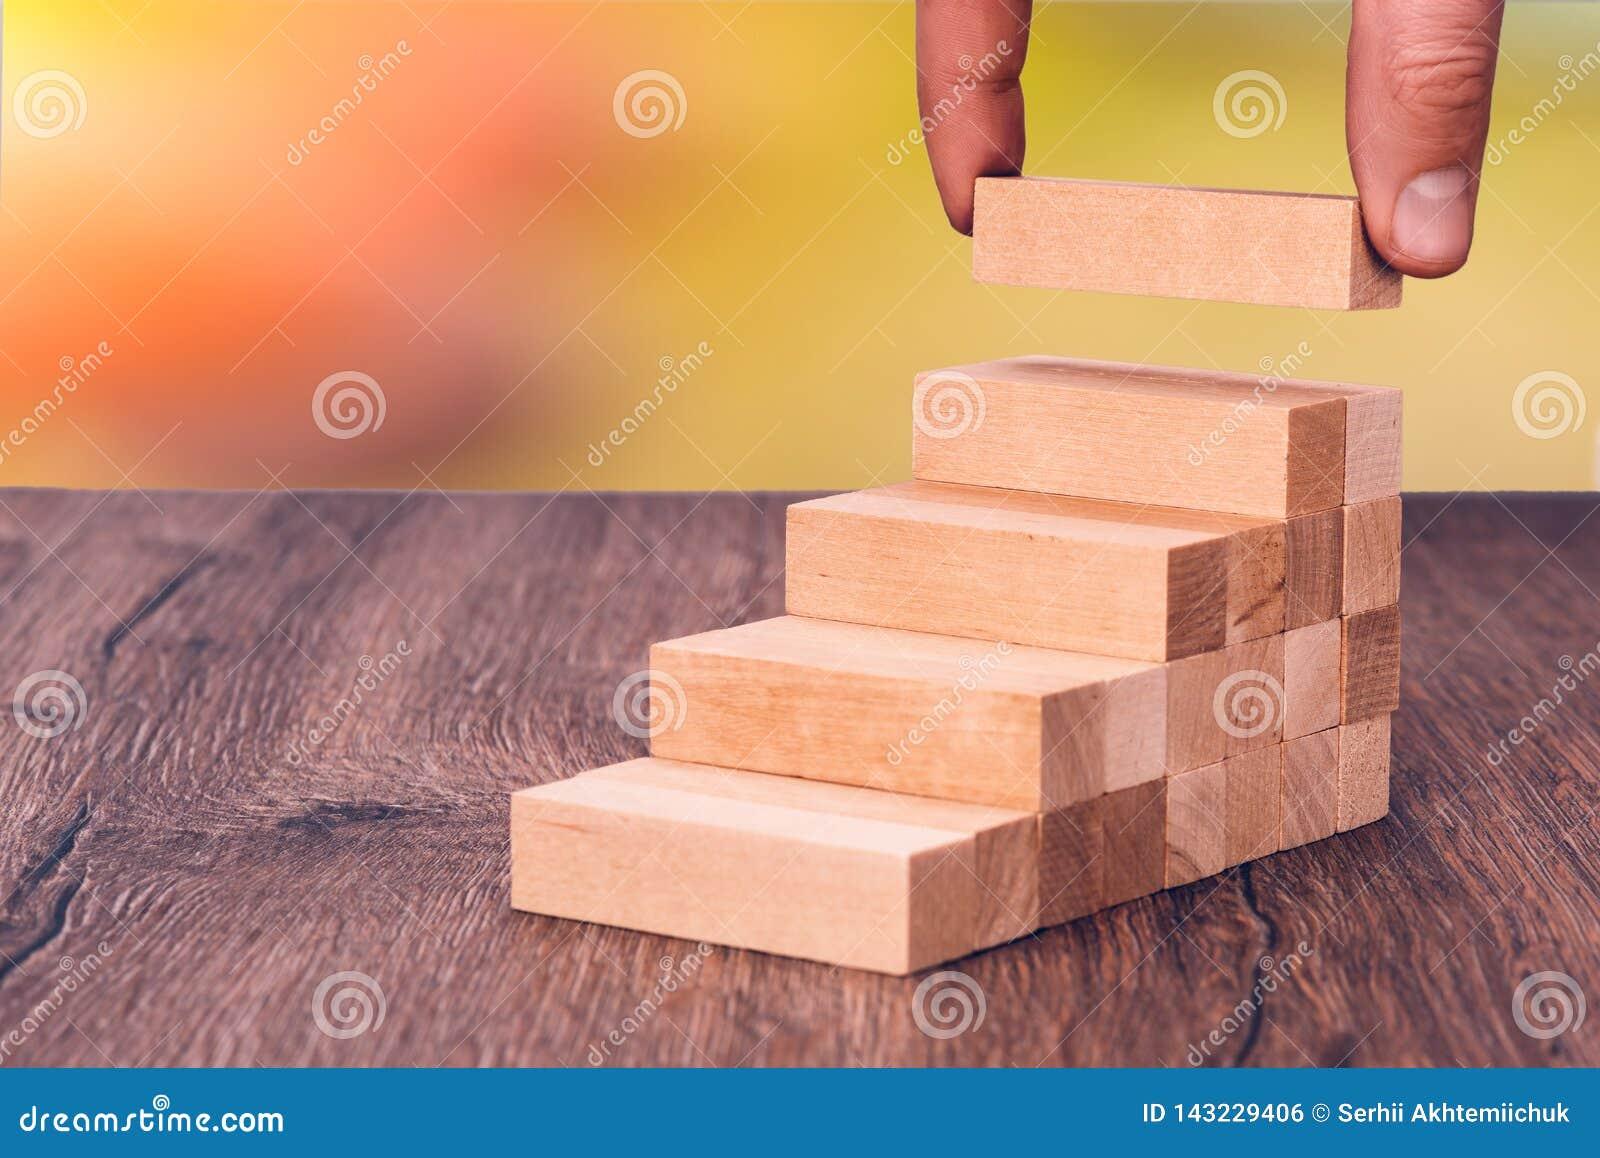 L uomo costruisce una scala di legno Concetto: sviluppo stabile